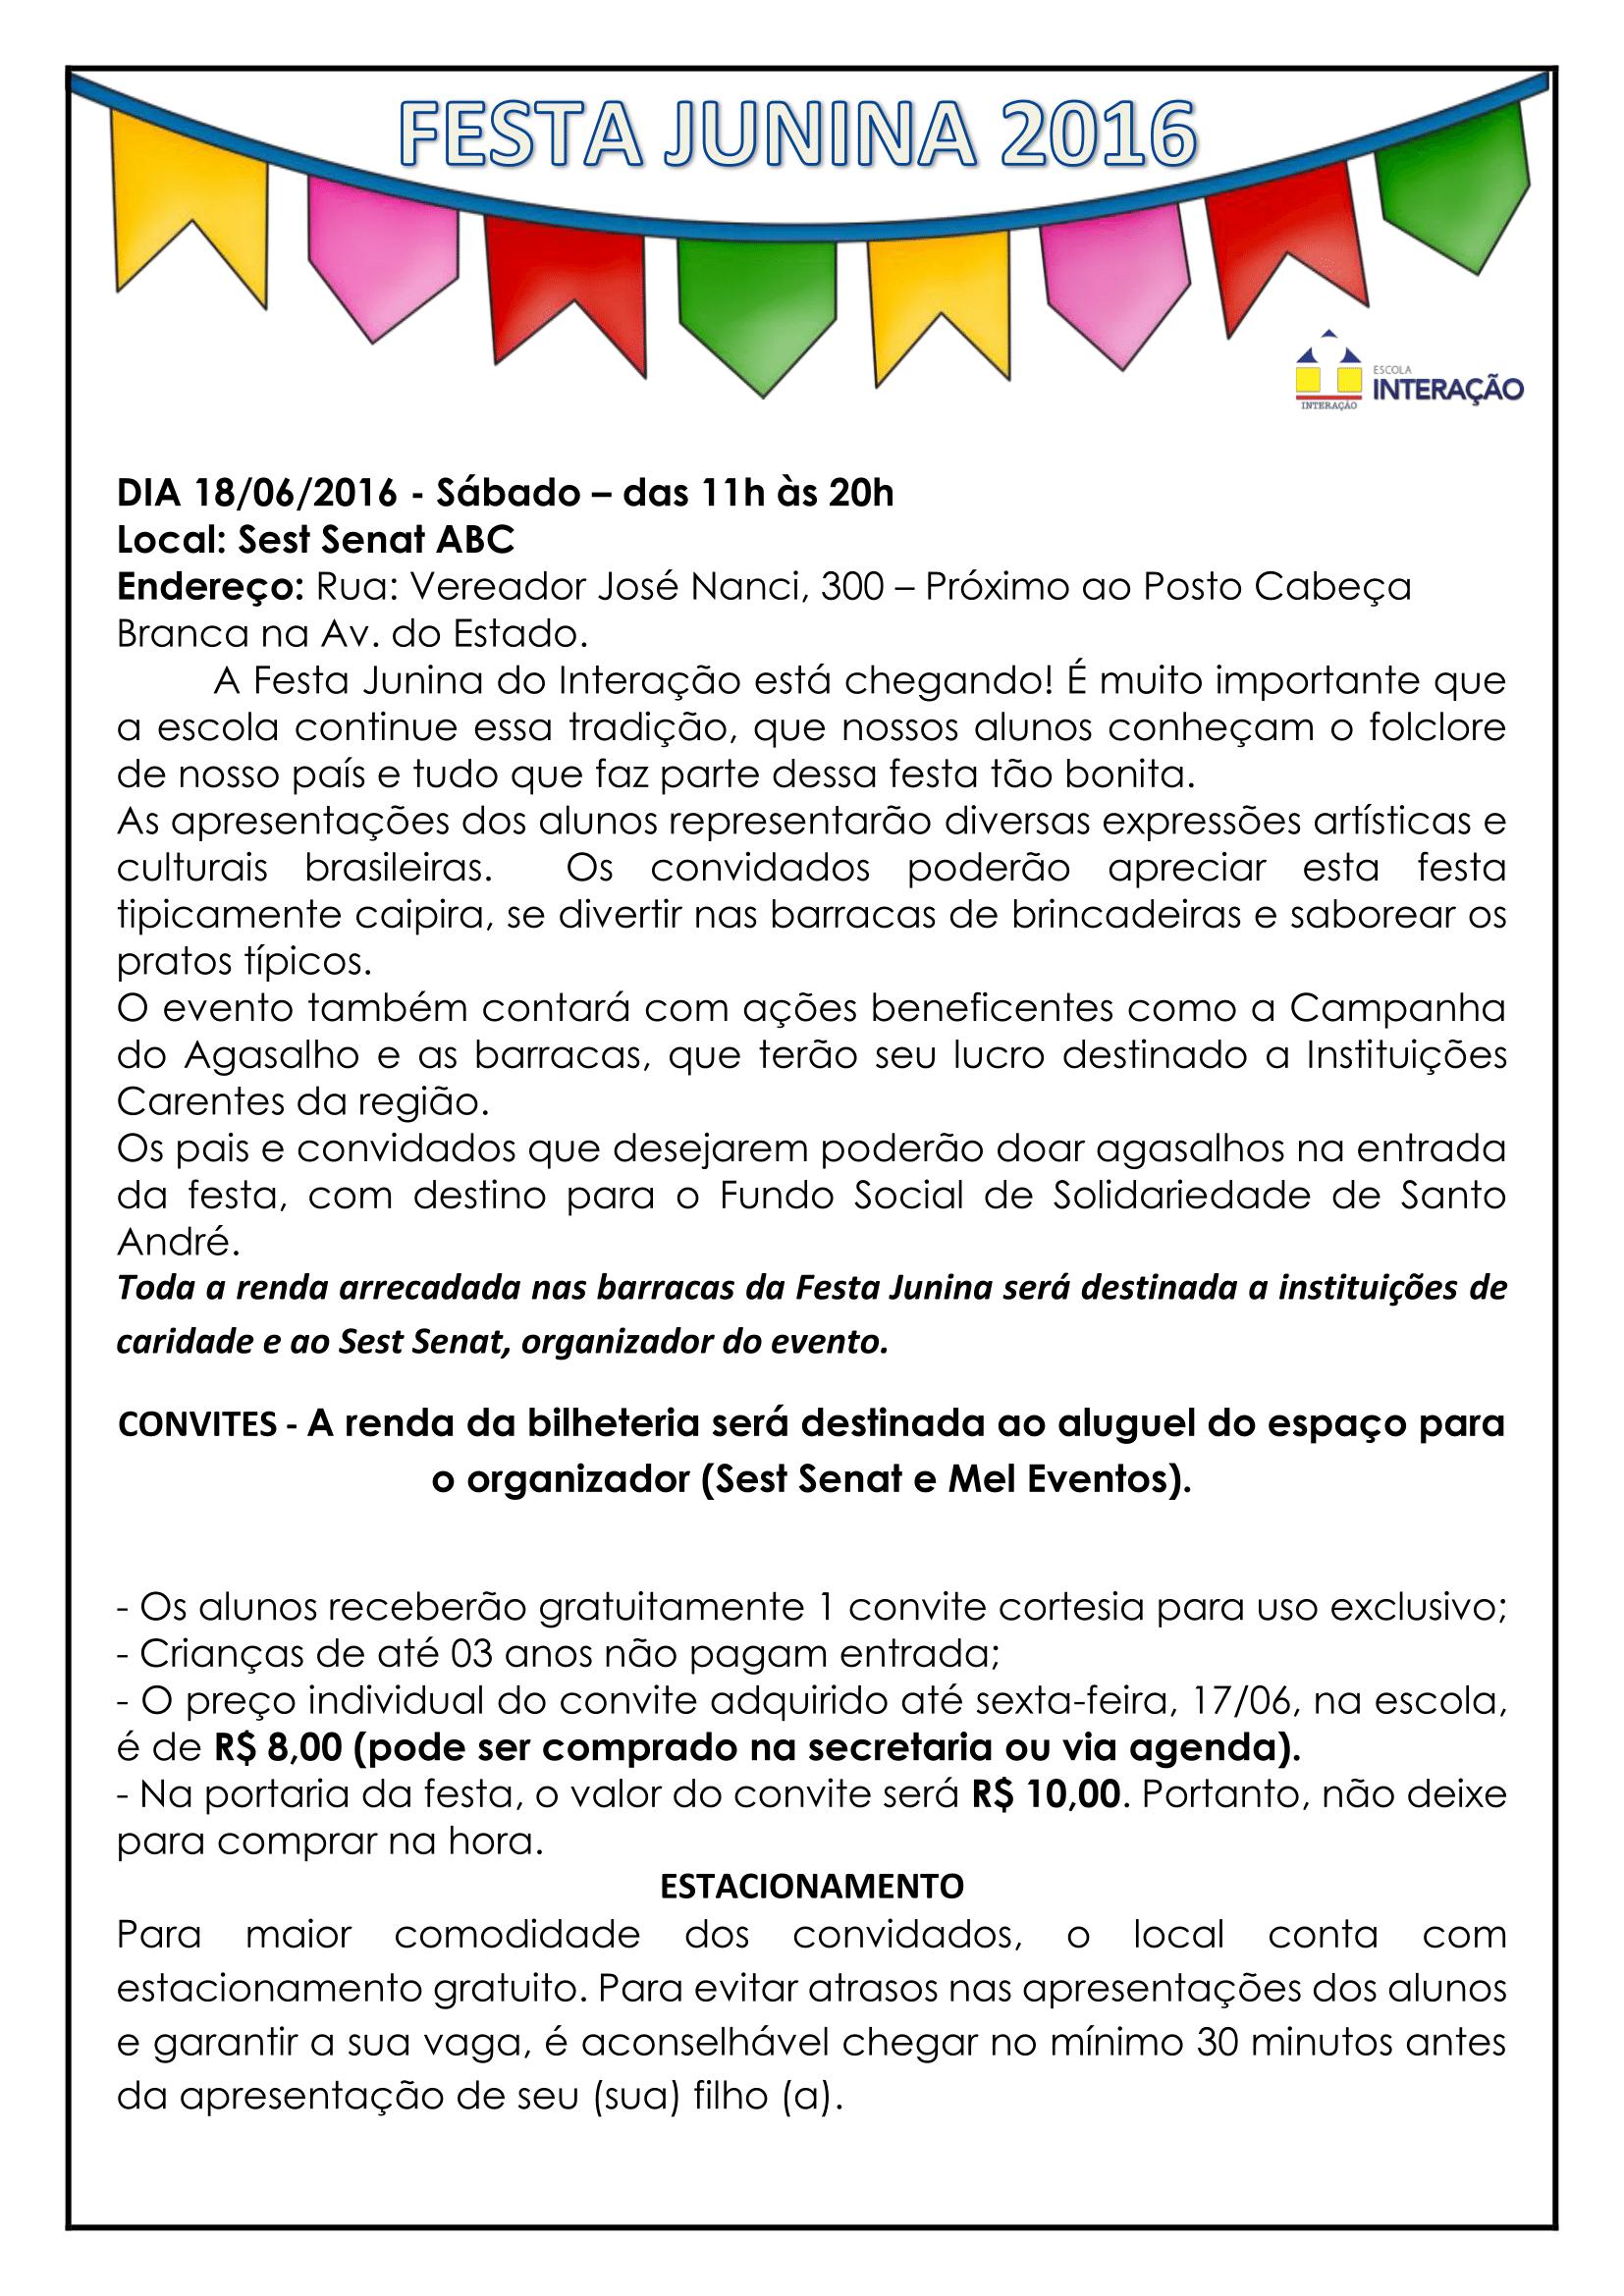 FESTA JUNINA INTERAÇÃO 2016 (1)-1